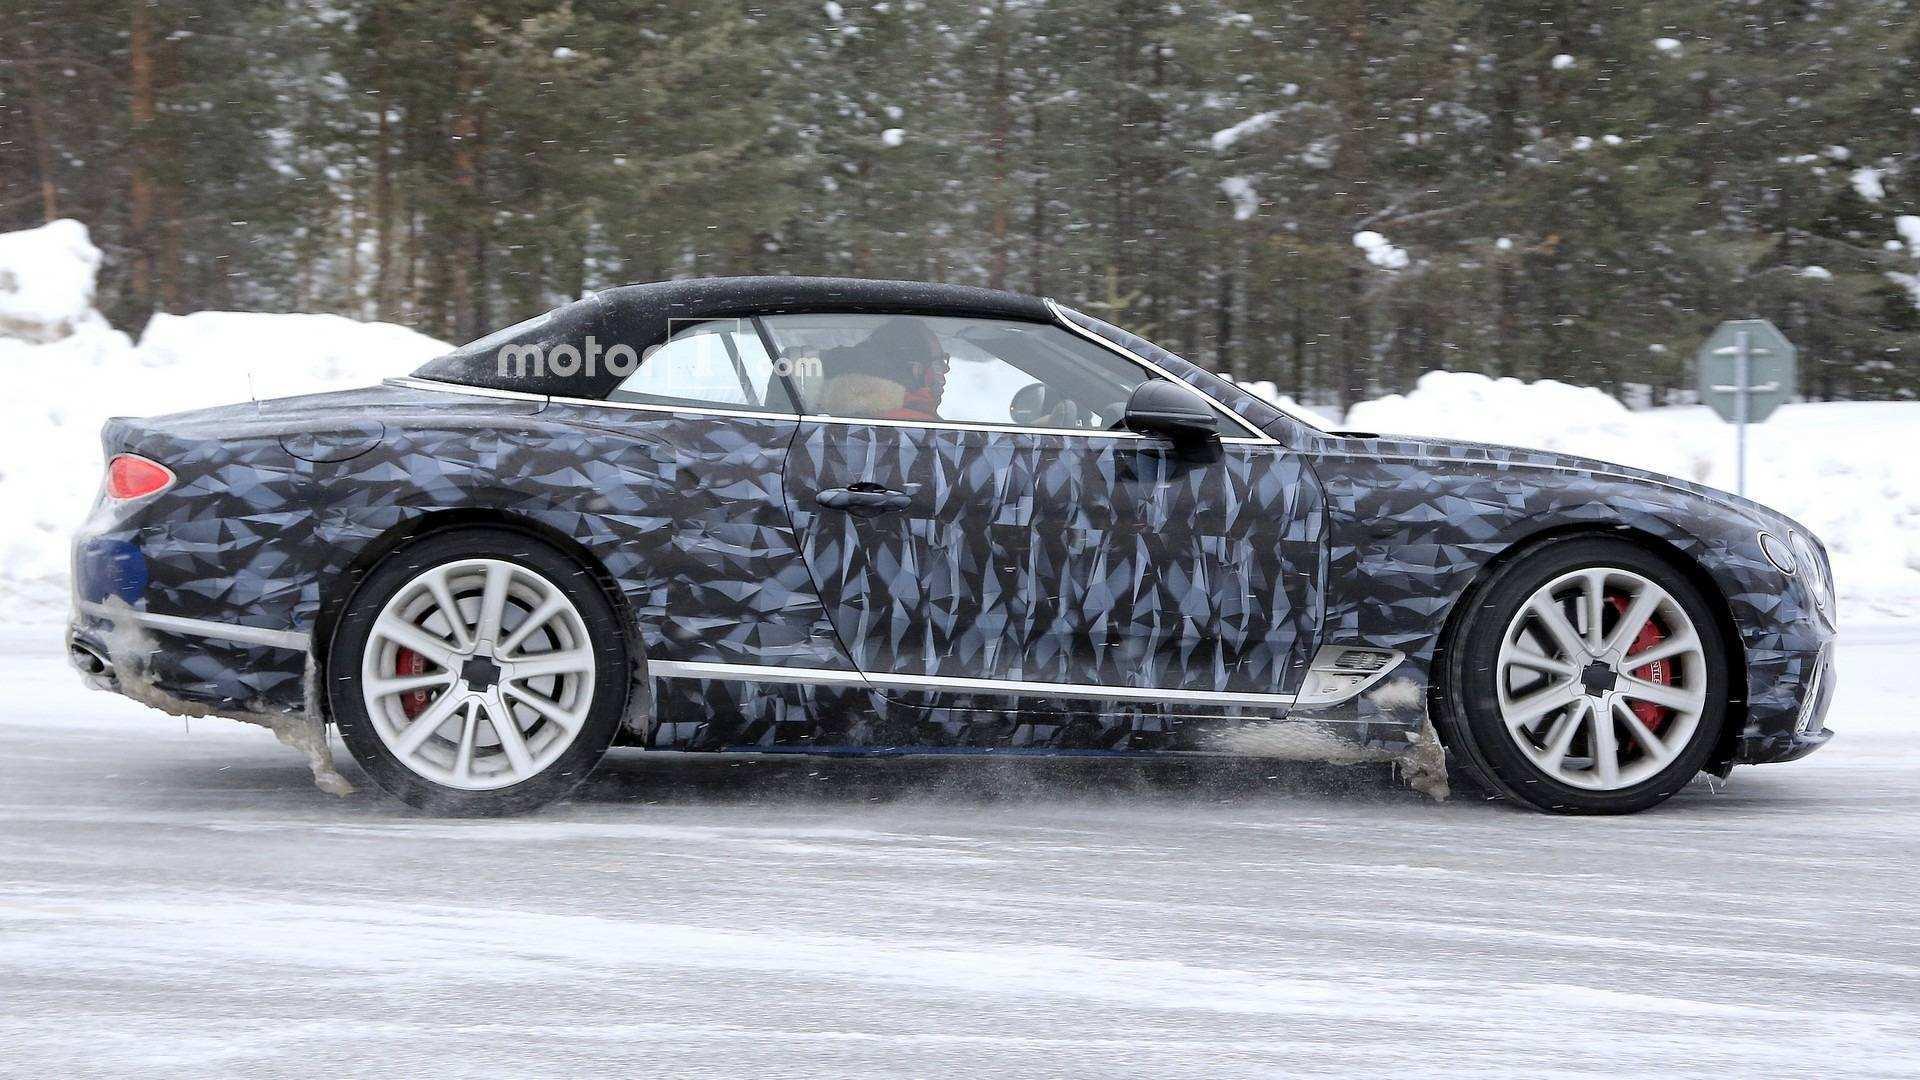 34 The Bentley Neuheiten 2020 Images with Bentley Neuheiten 2020